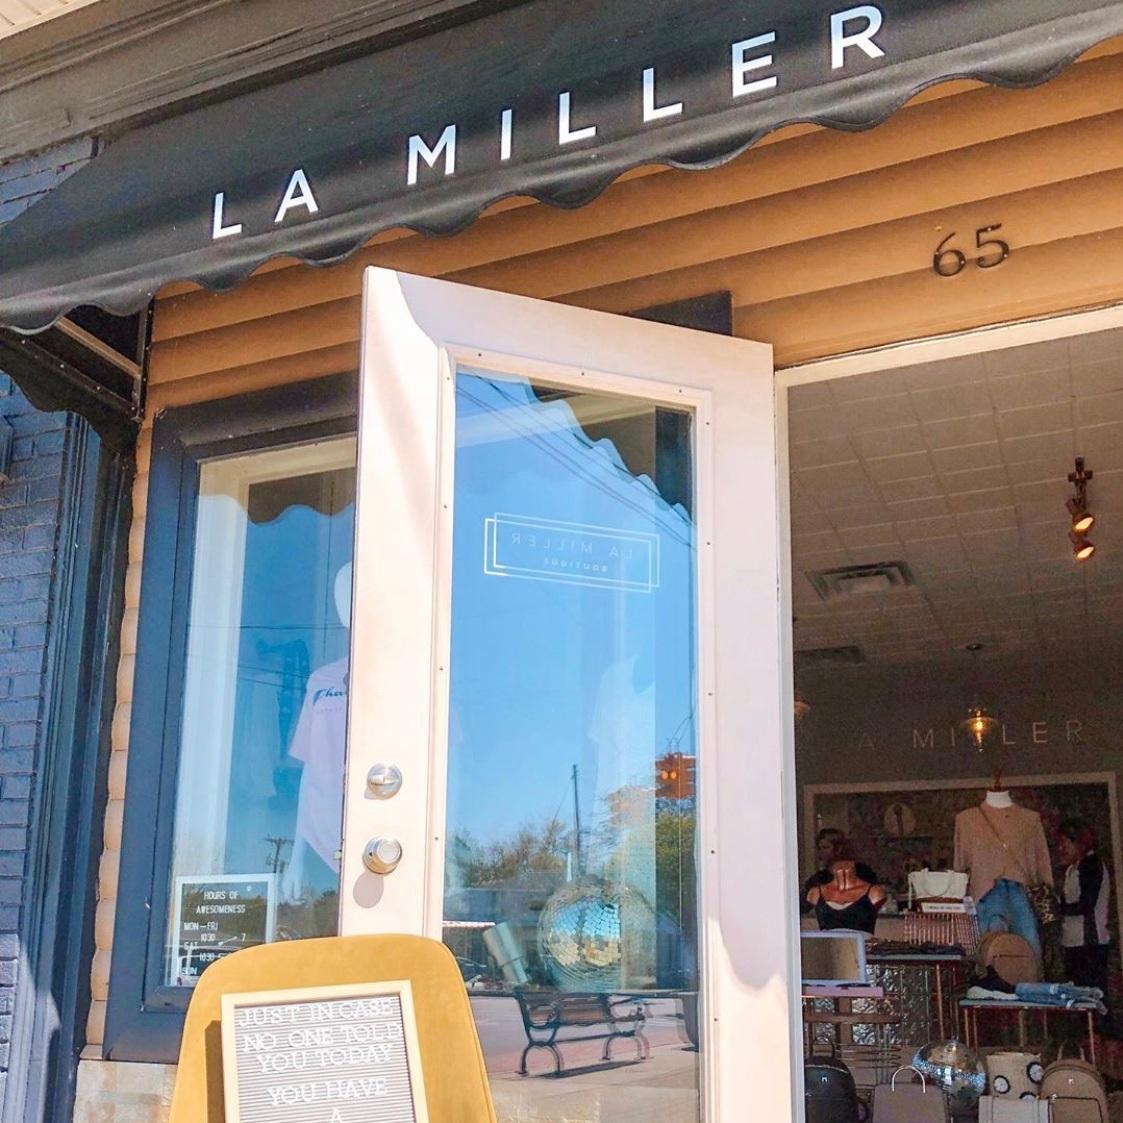 la+miller+boutique+shop+rockford+grand+rapids+michigan+iheartgr+iheartgrandrapids